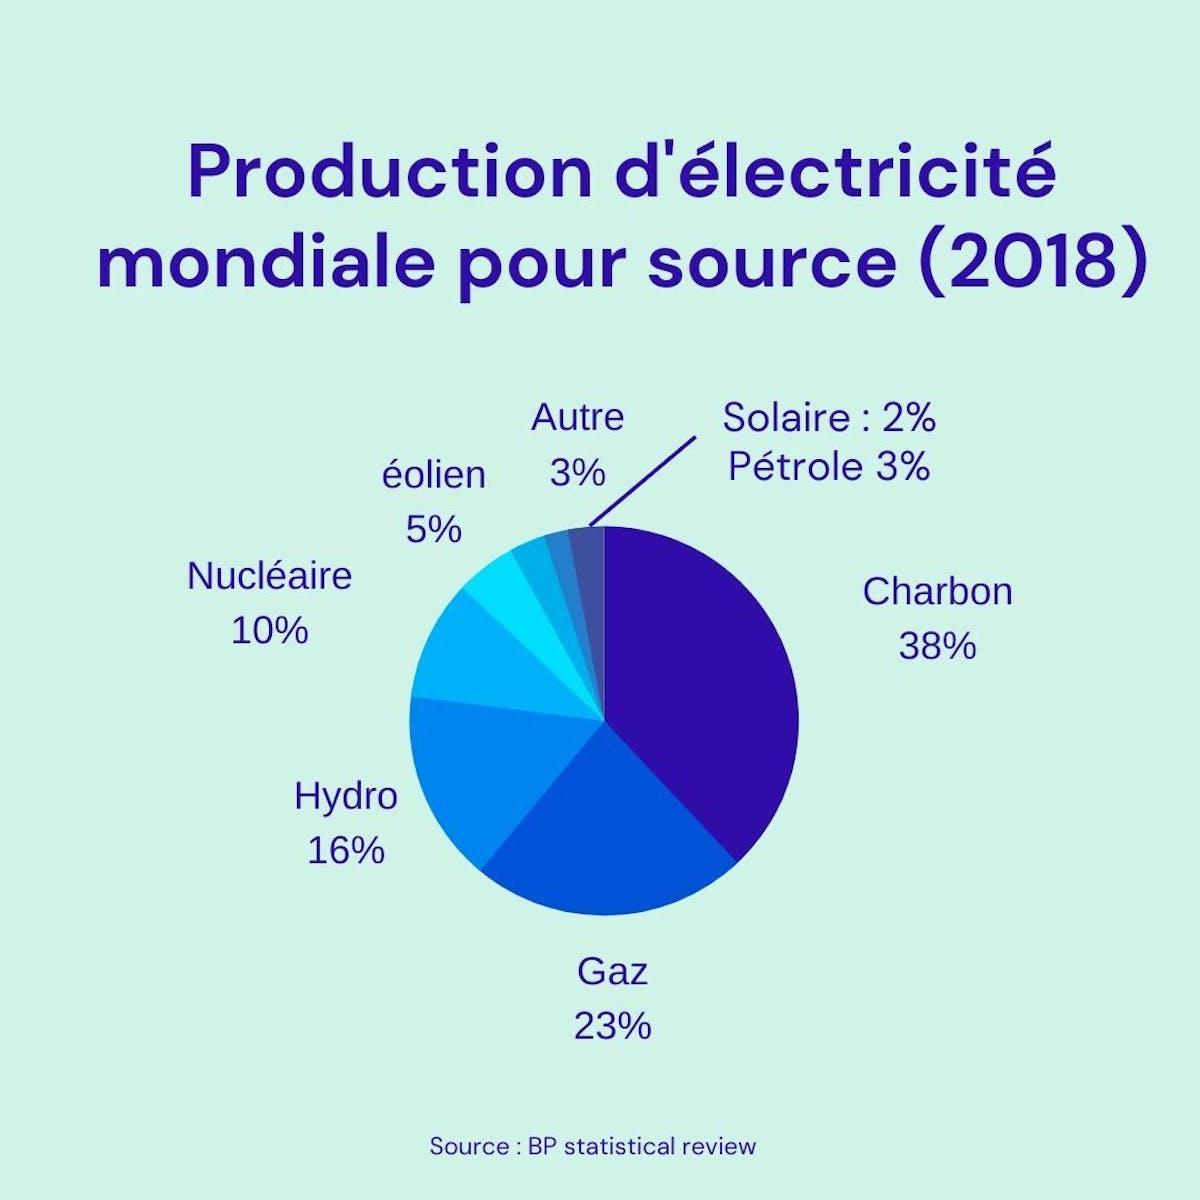 Production d'électricité mondiale pour source (2018)